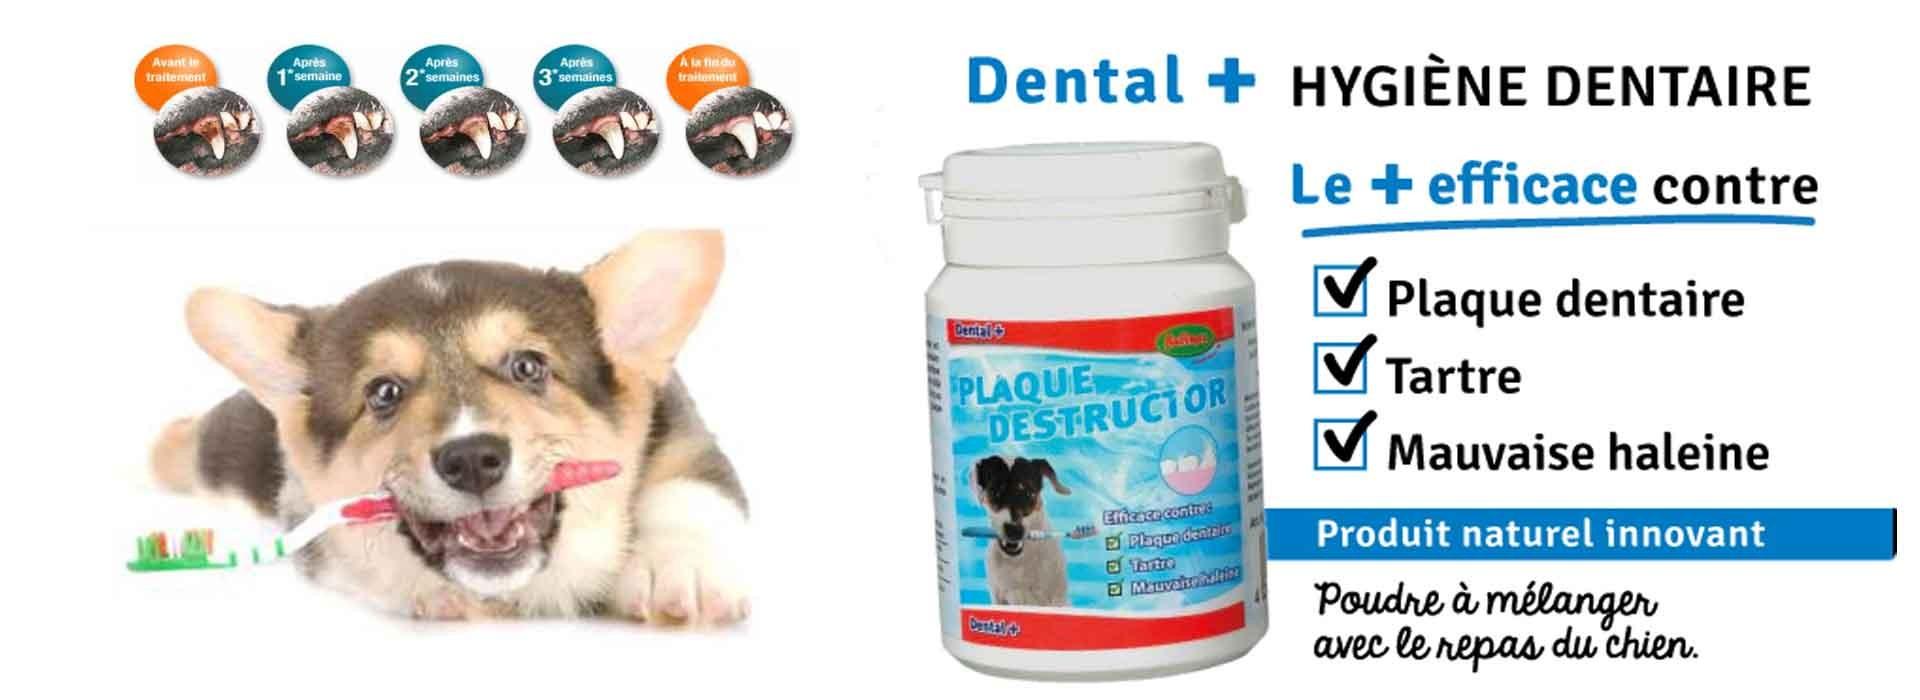 Anti tartre pour chien plaque destructor bubimex